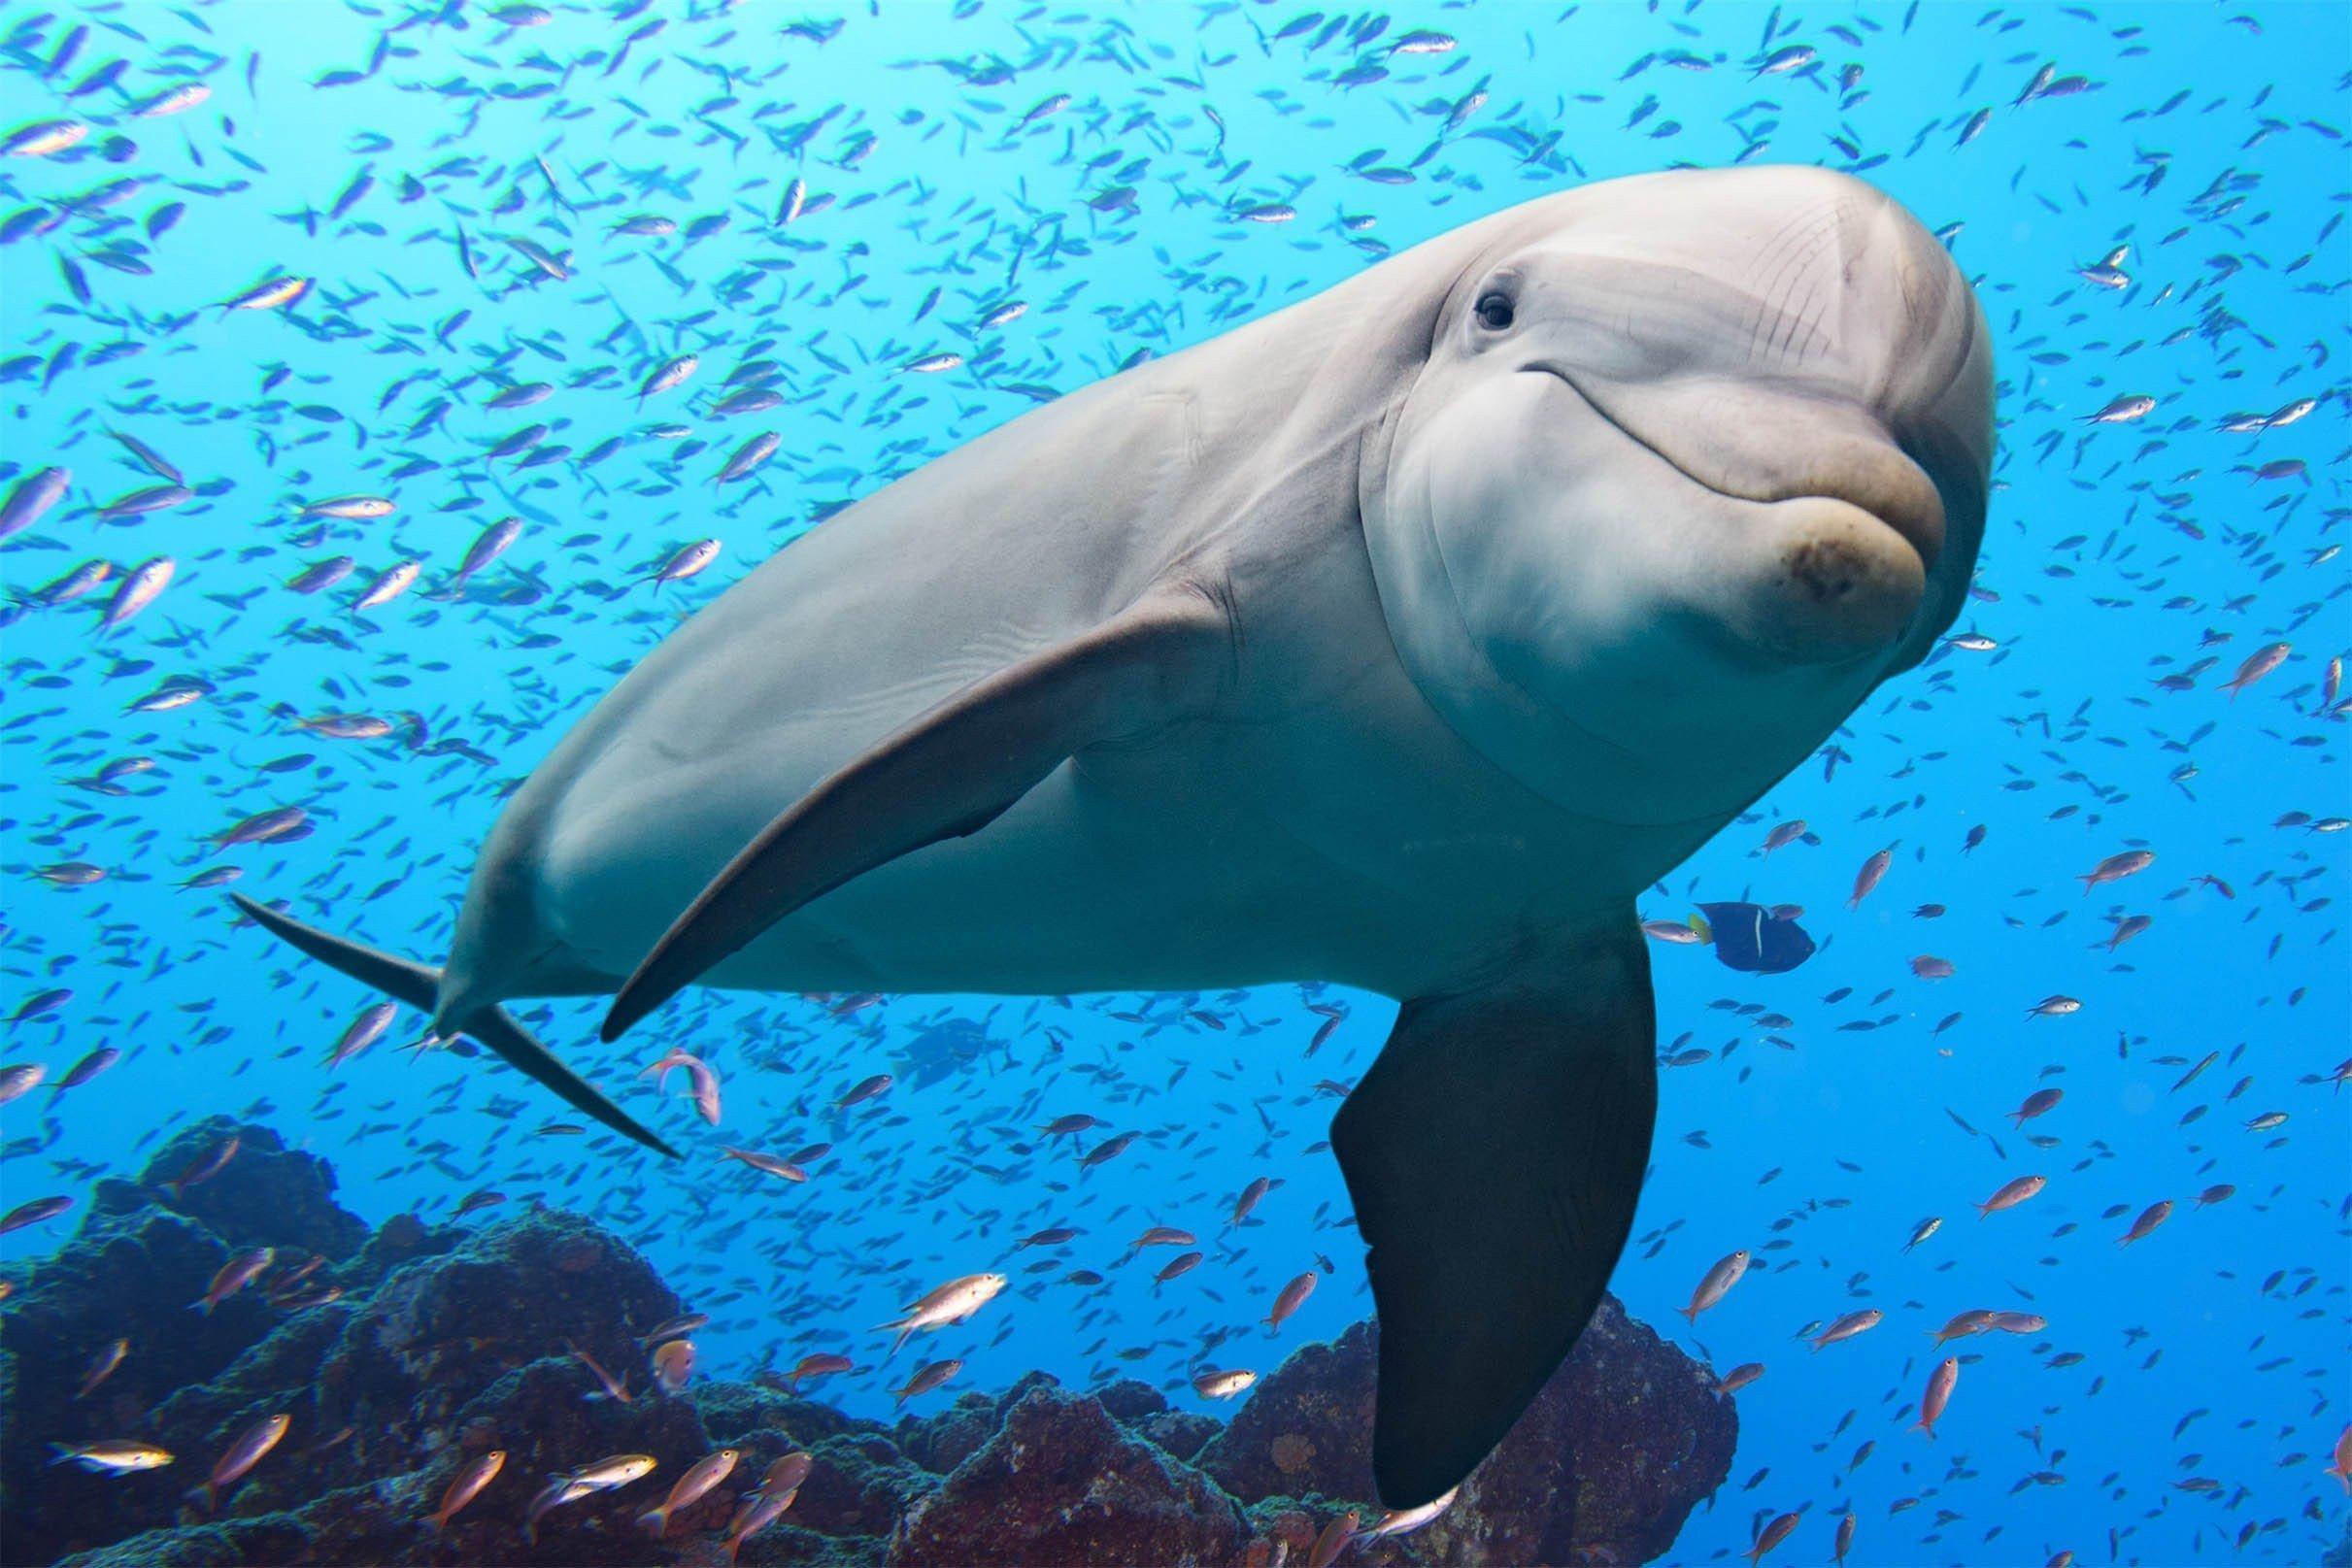 Спасибо за рыбу! Так ли дельфины дружелюбны, как привыкли считать